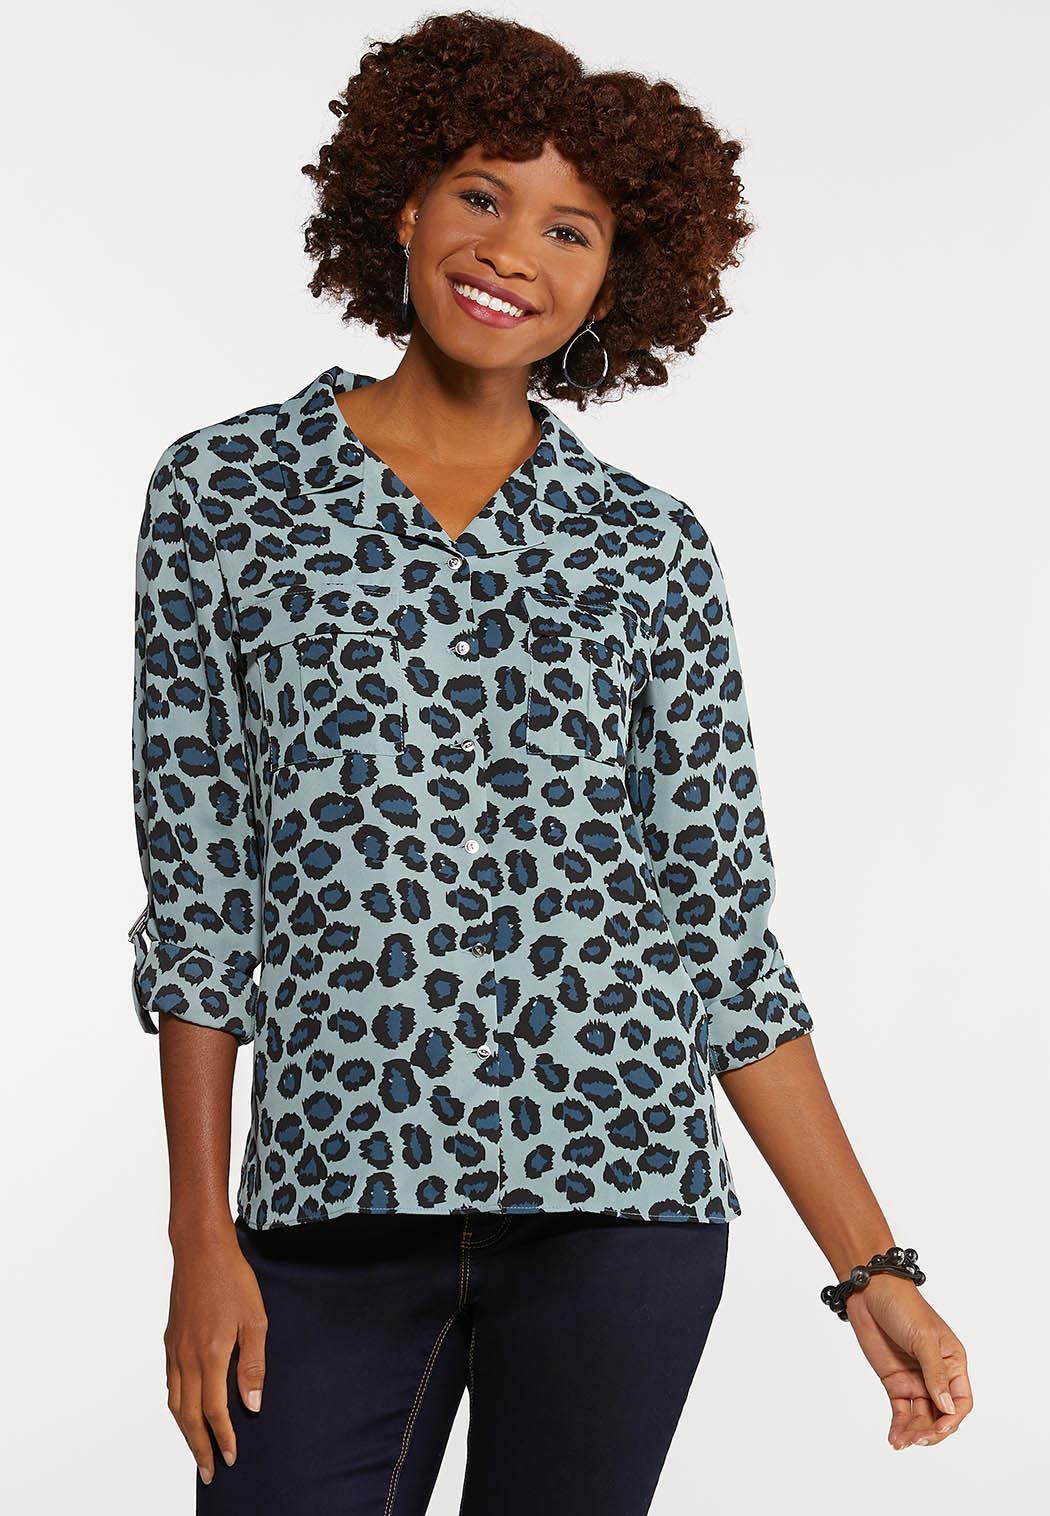 Plus Size Blue Gray Leopard Top